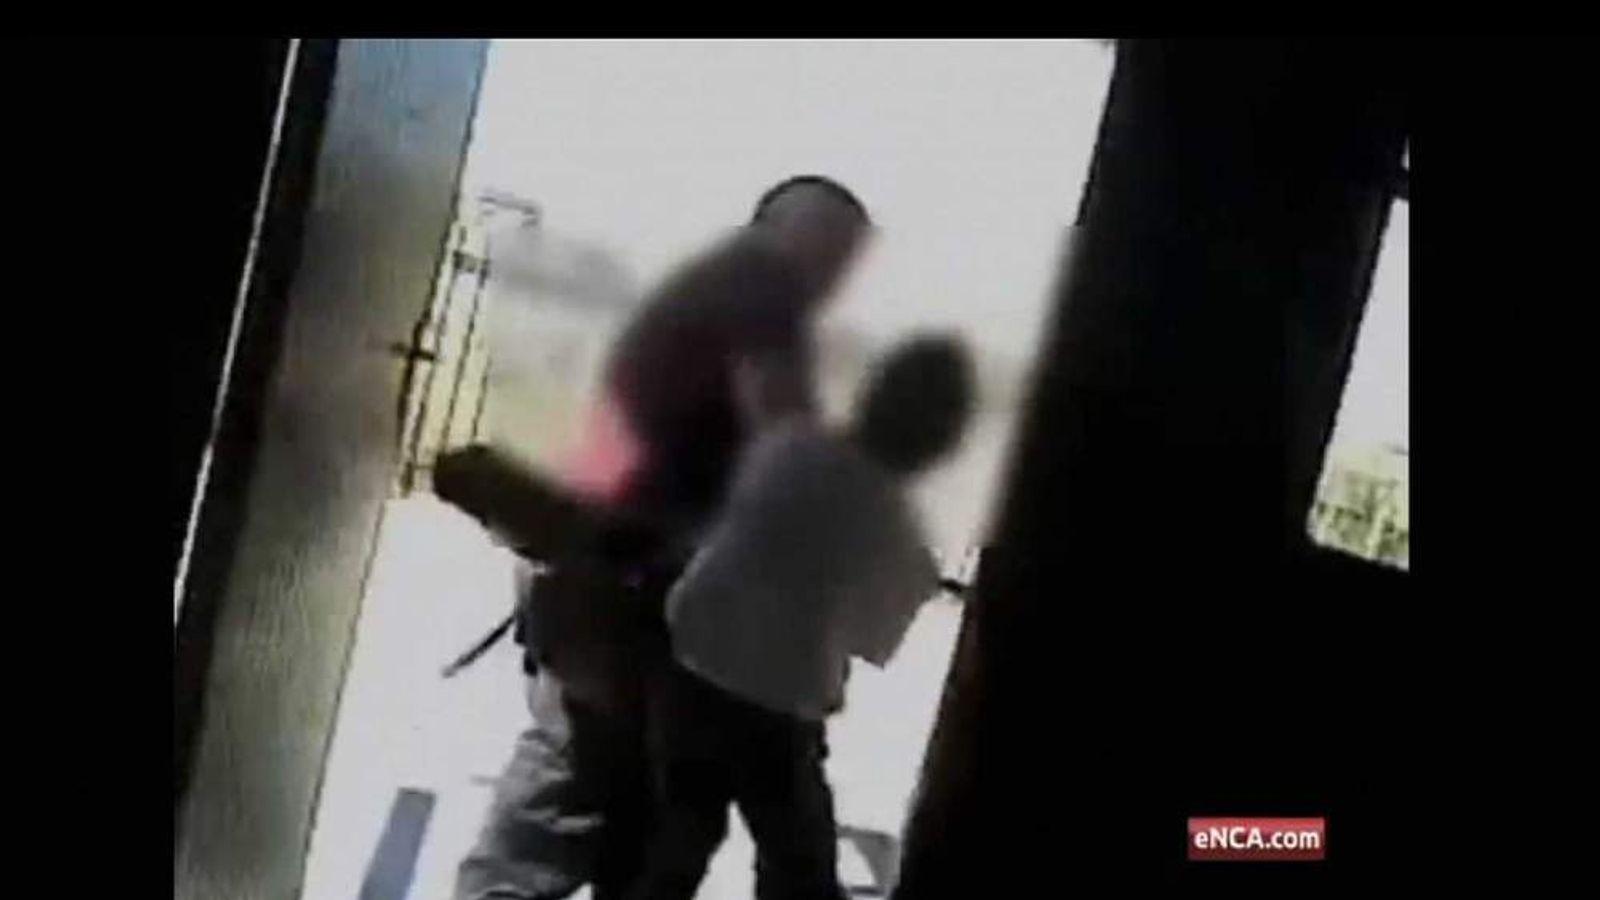 A pupil assaults a teacher at a school in Johannesburg